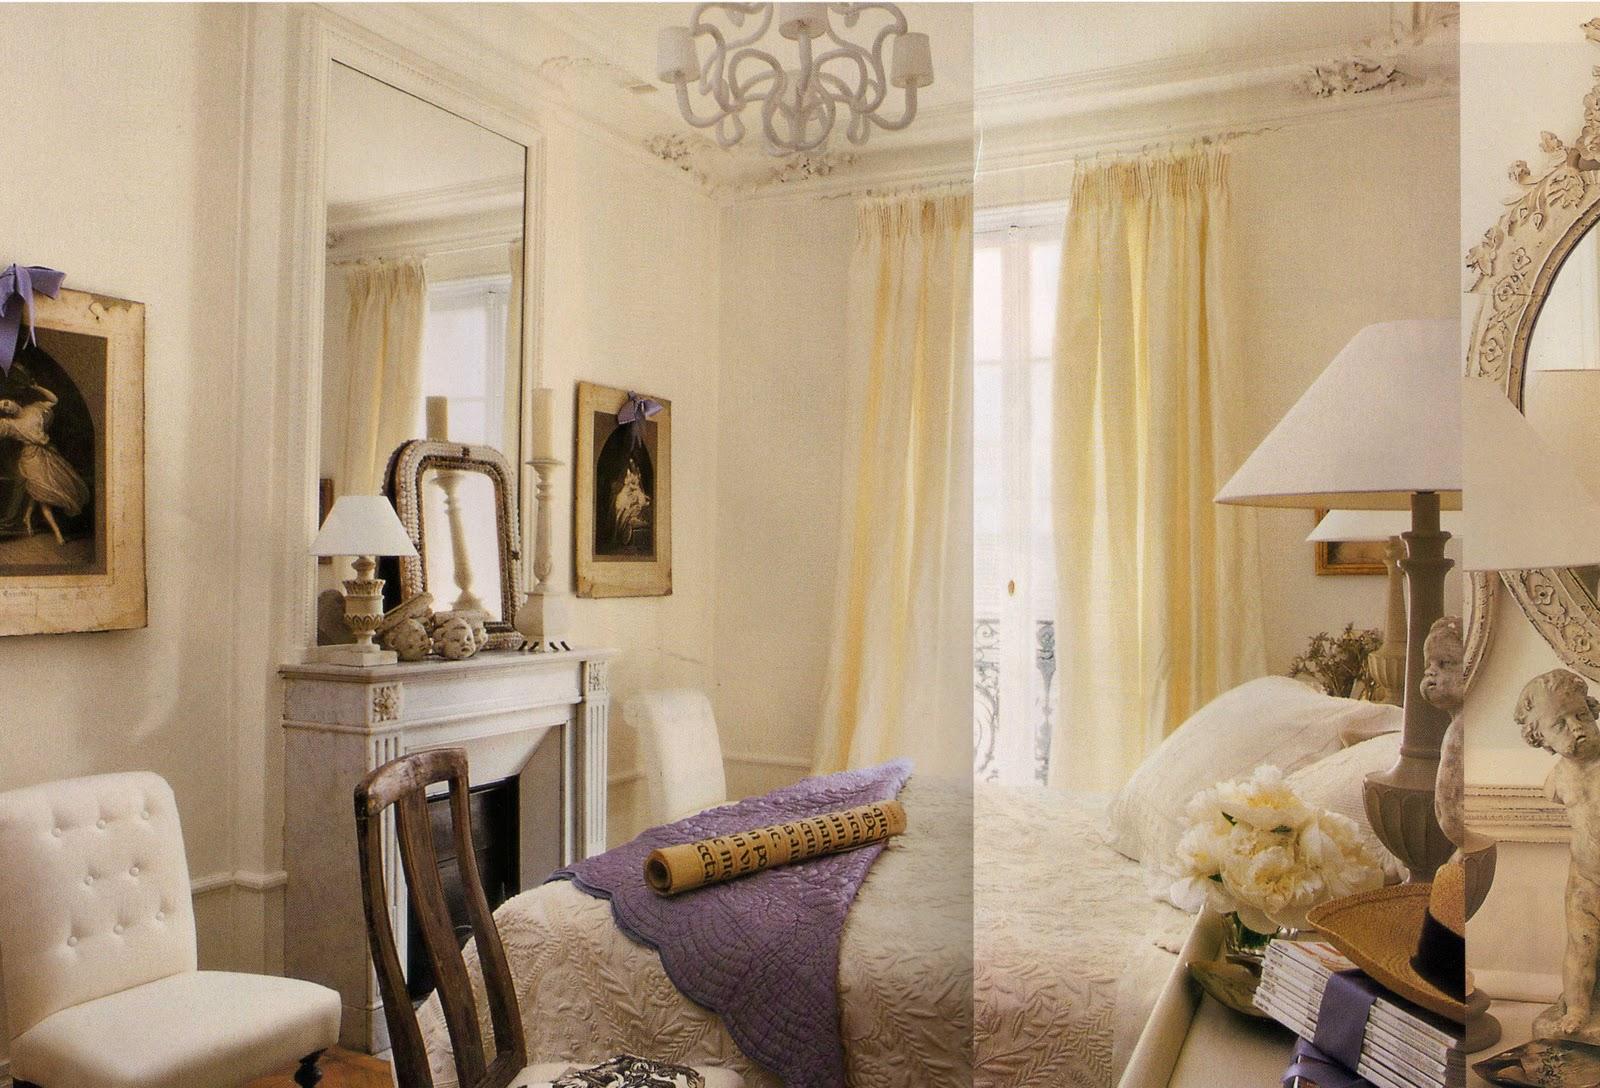 Bedroom Parisian Bedroom Decor: BOXWOOD TERRACE: A Dream Paris Apartment